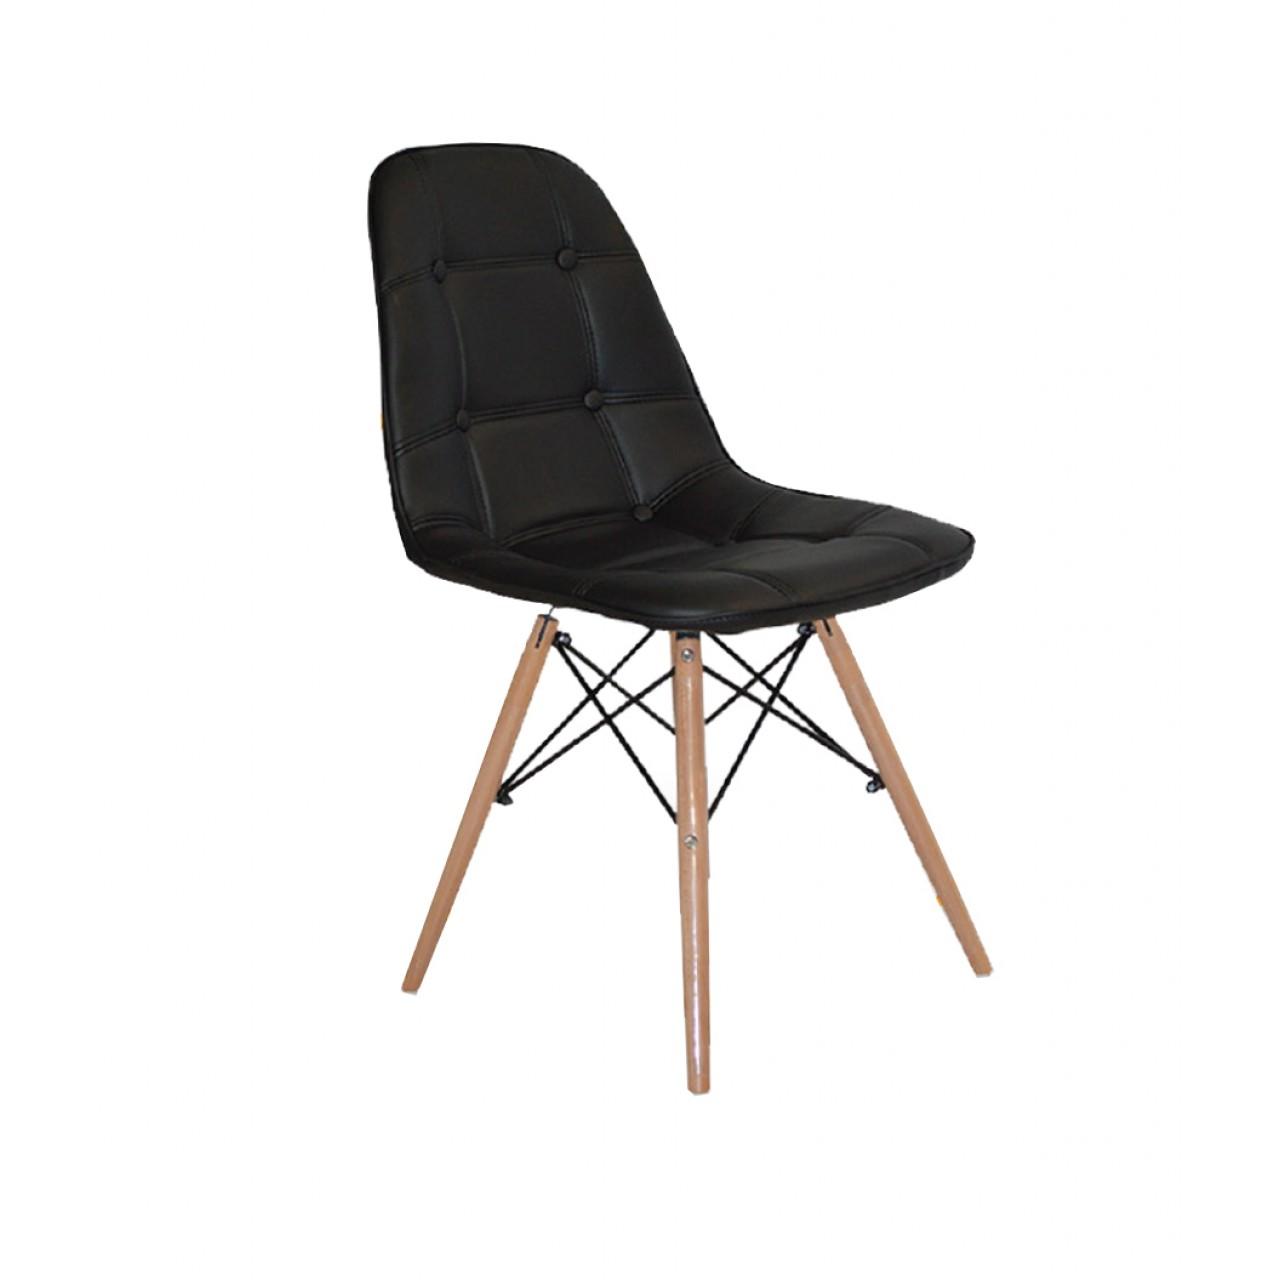 Καρέκλα Lina Μαύρο Ξενοδοχειακά / Επαγγελματικά